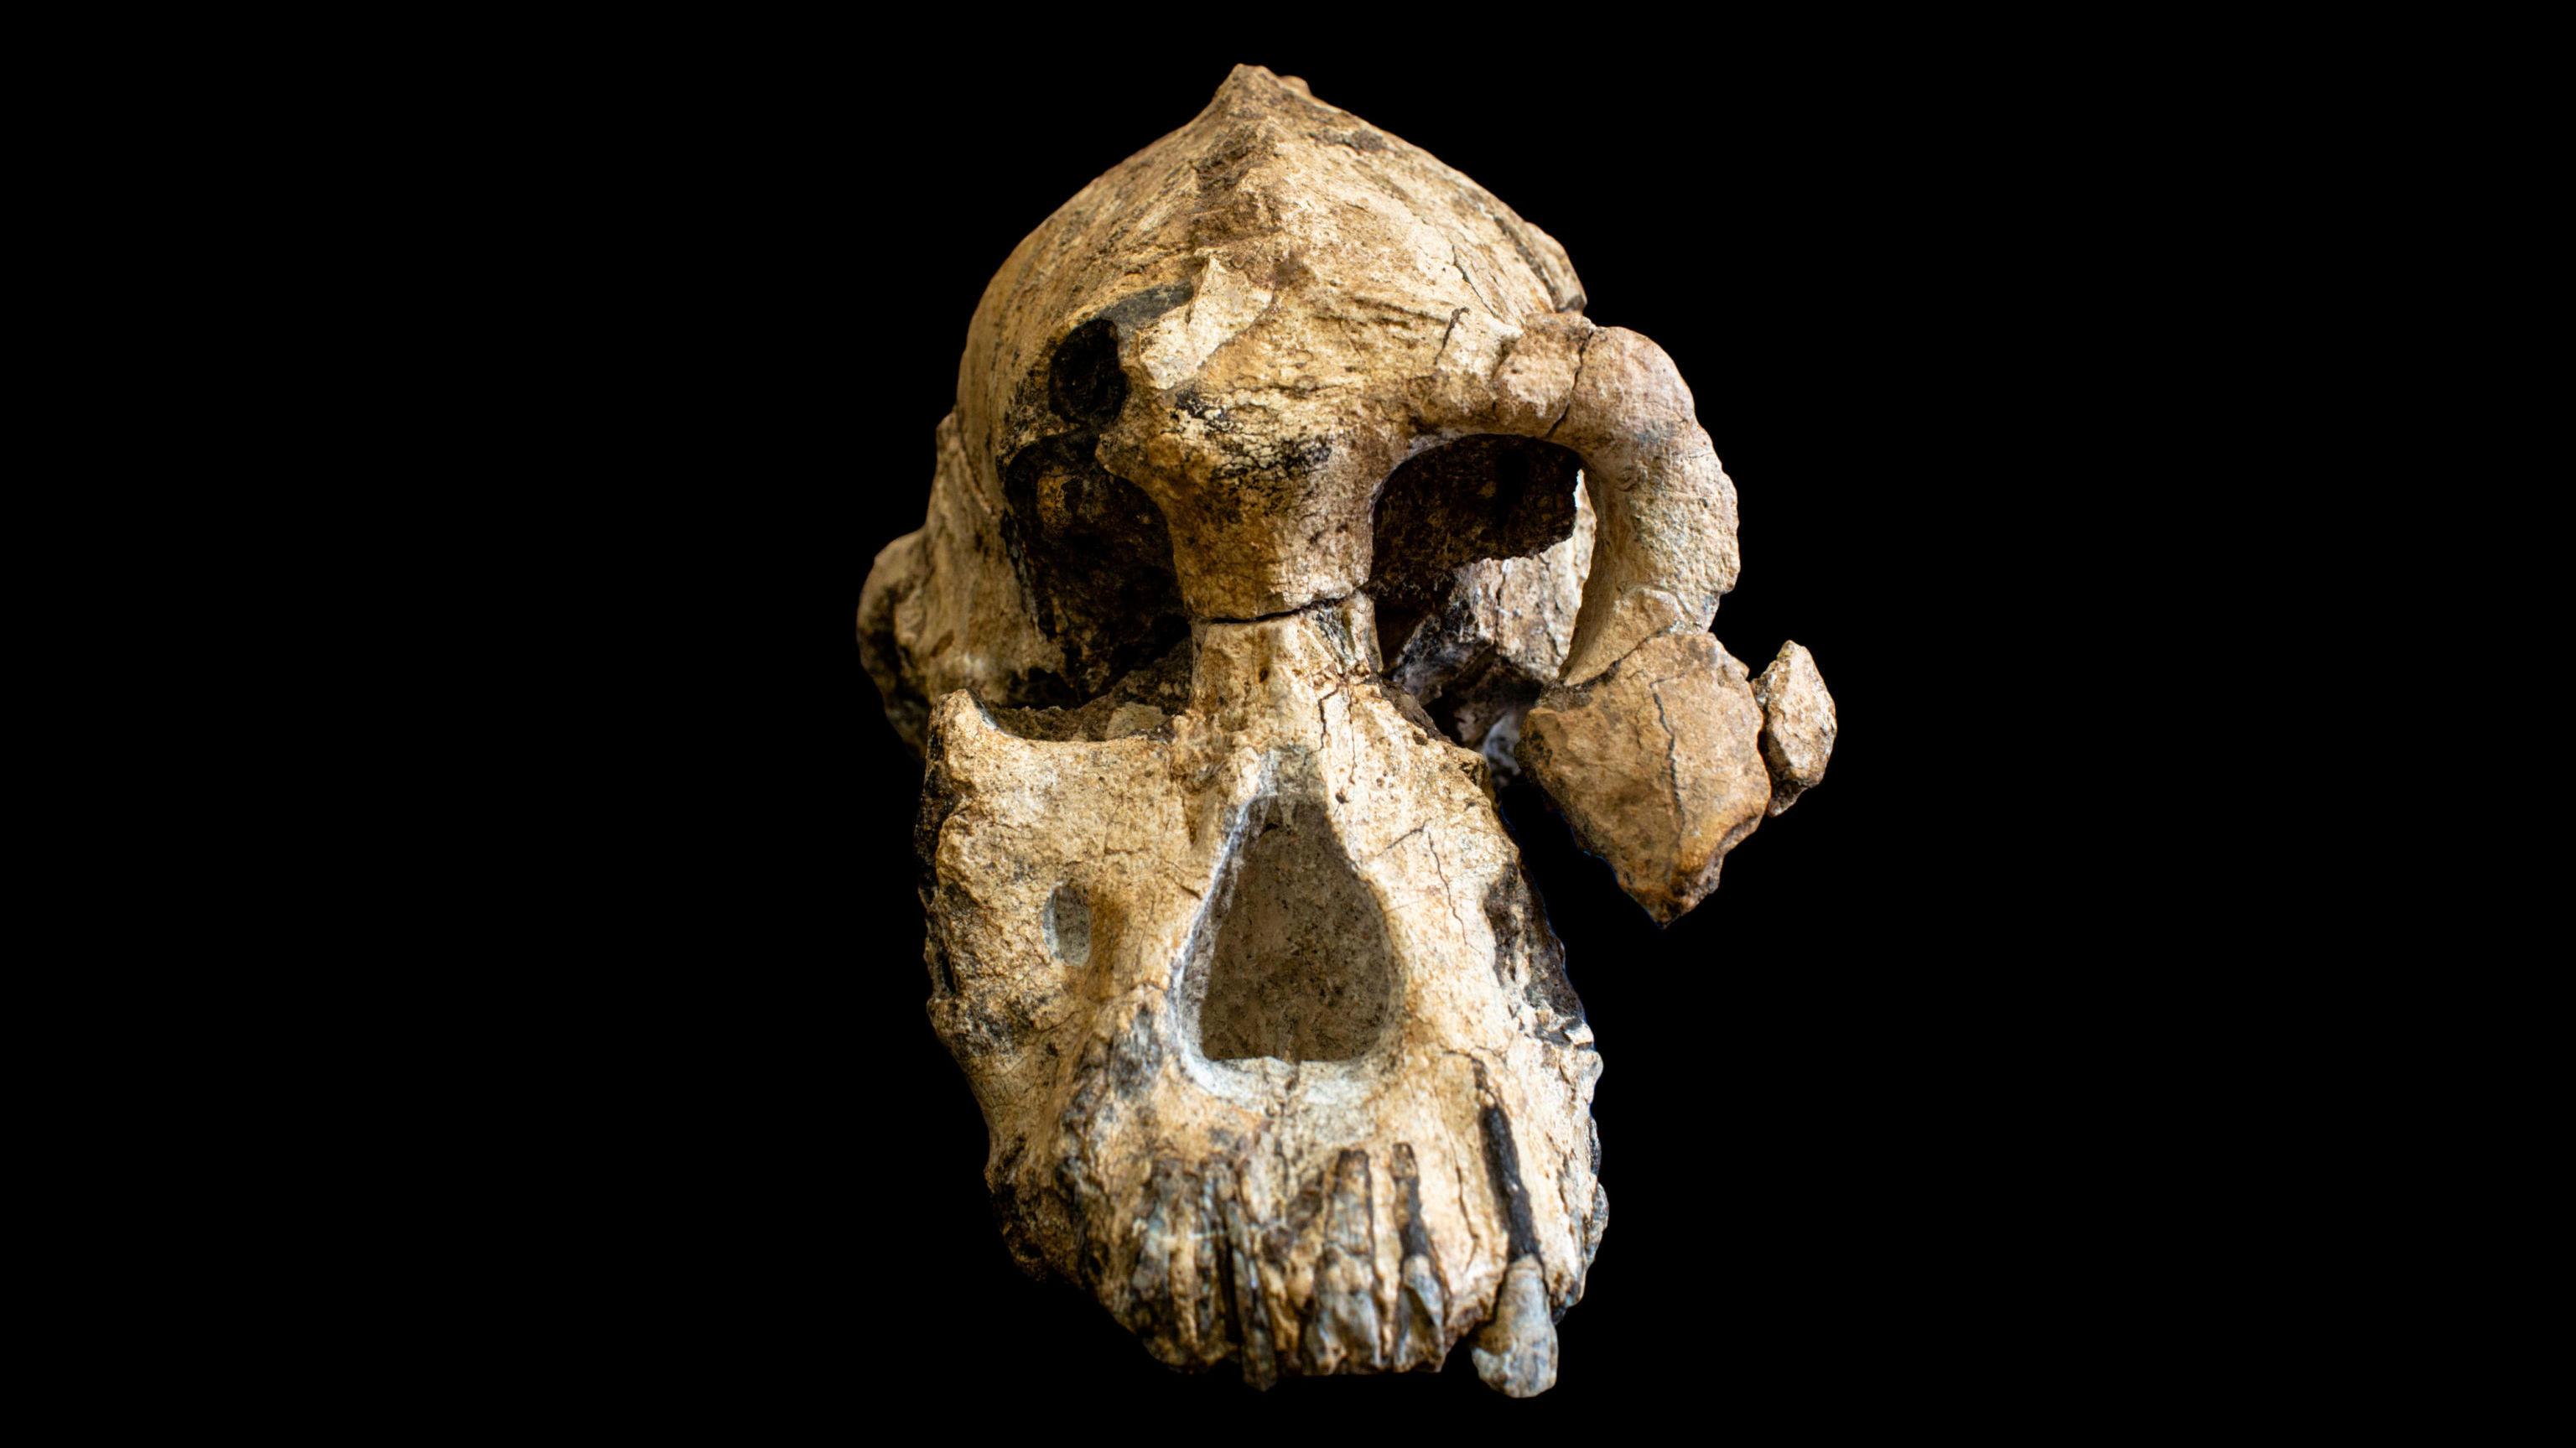 Crânio da espécie Australopithecus anamensis, um fóssil descoberto em 2016 na Etiópia